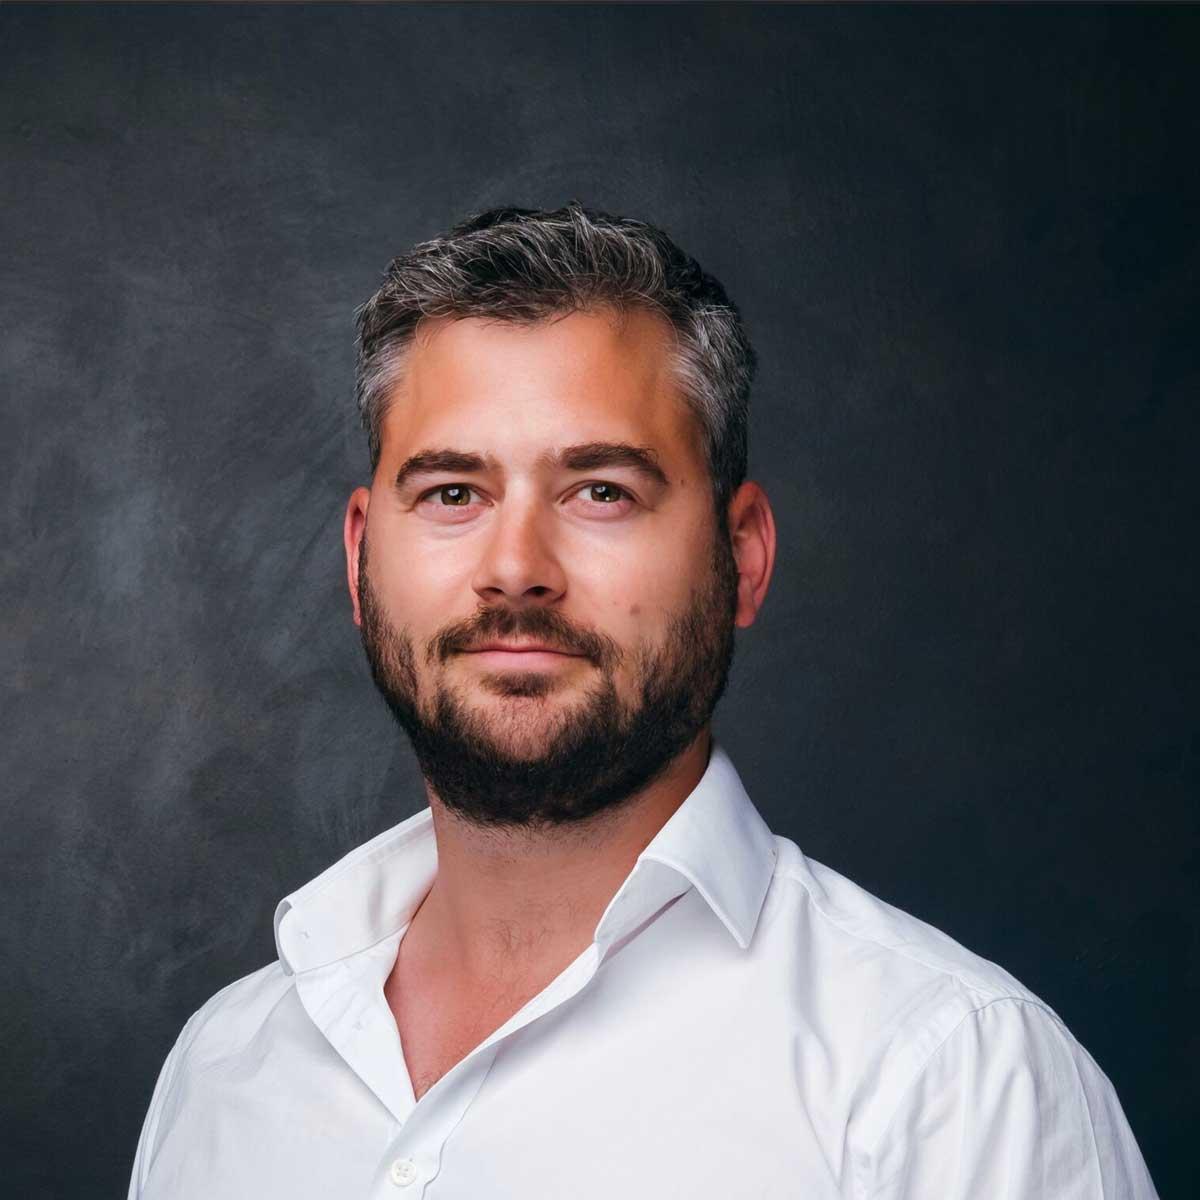 Simon De La Haye